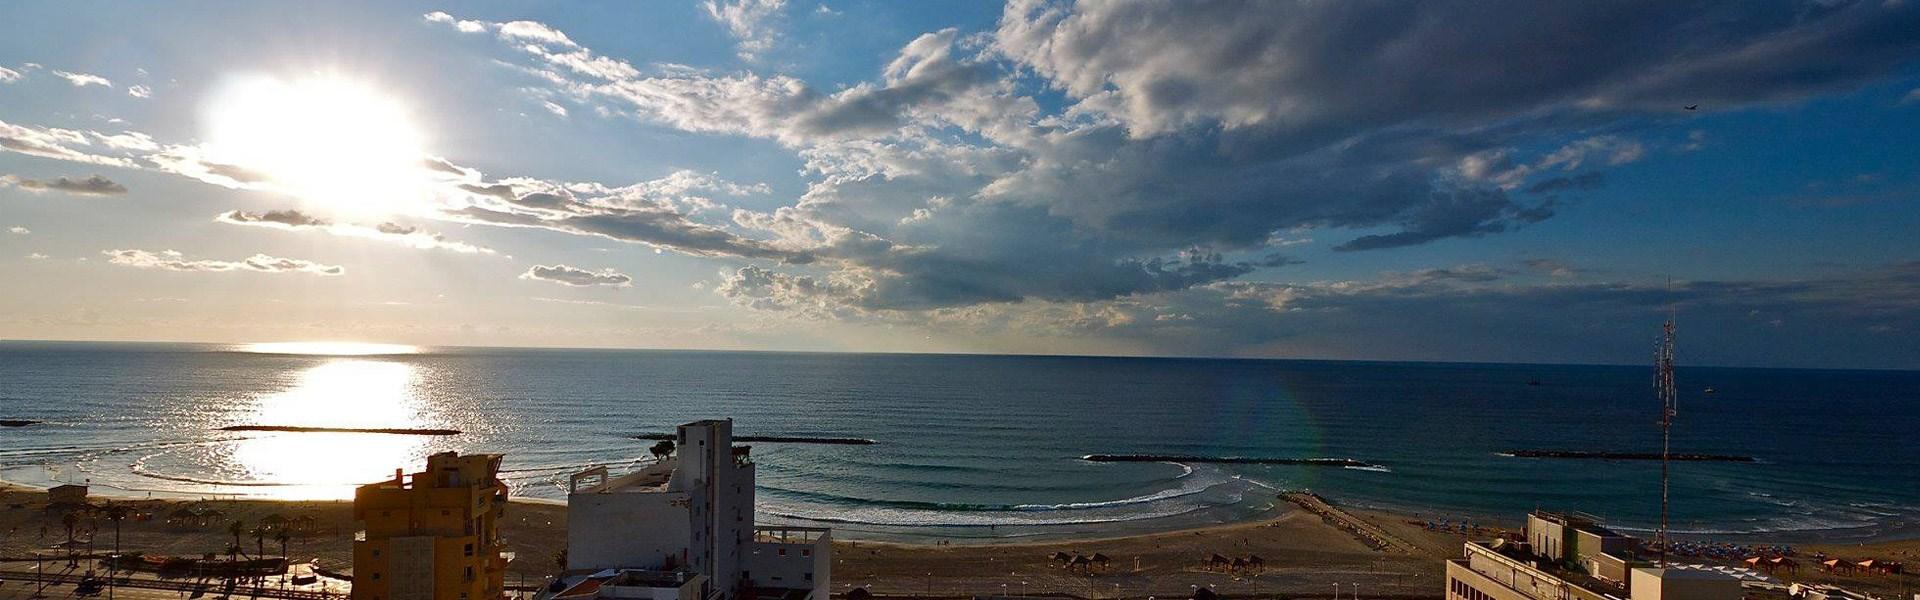 מלון מטרופוליטן תל אביב | חוות דעת